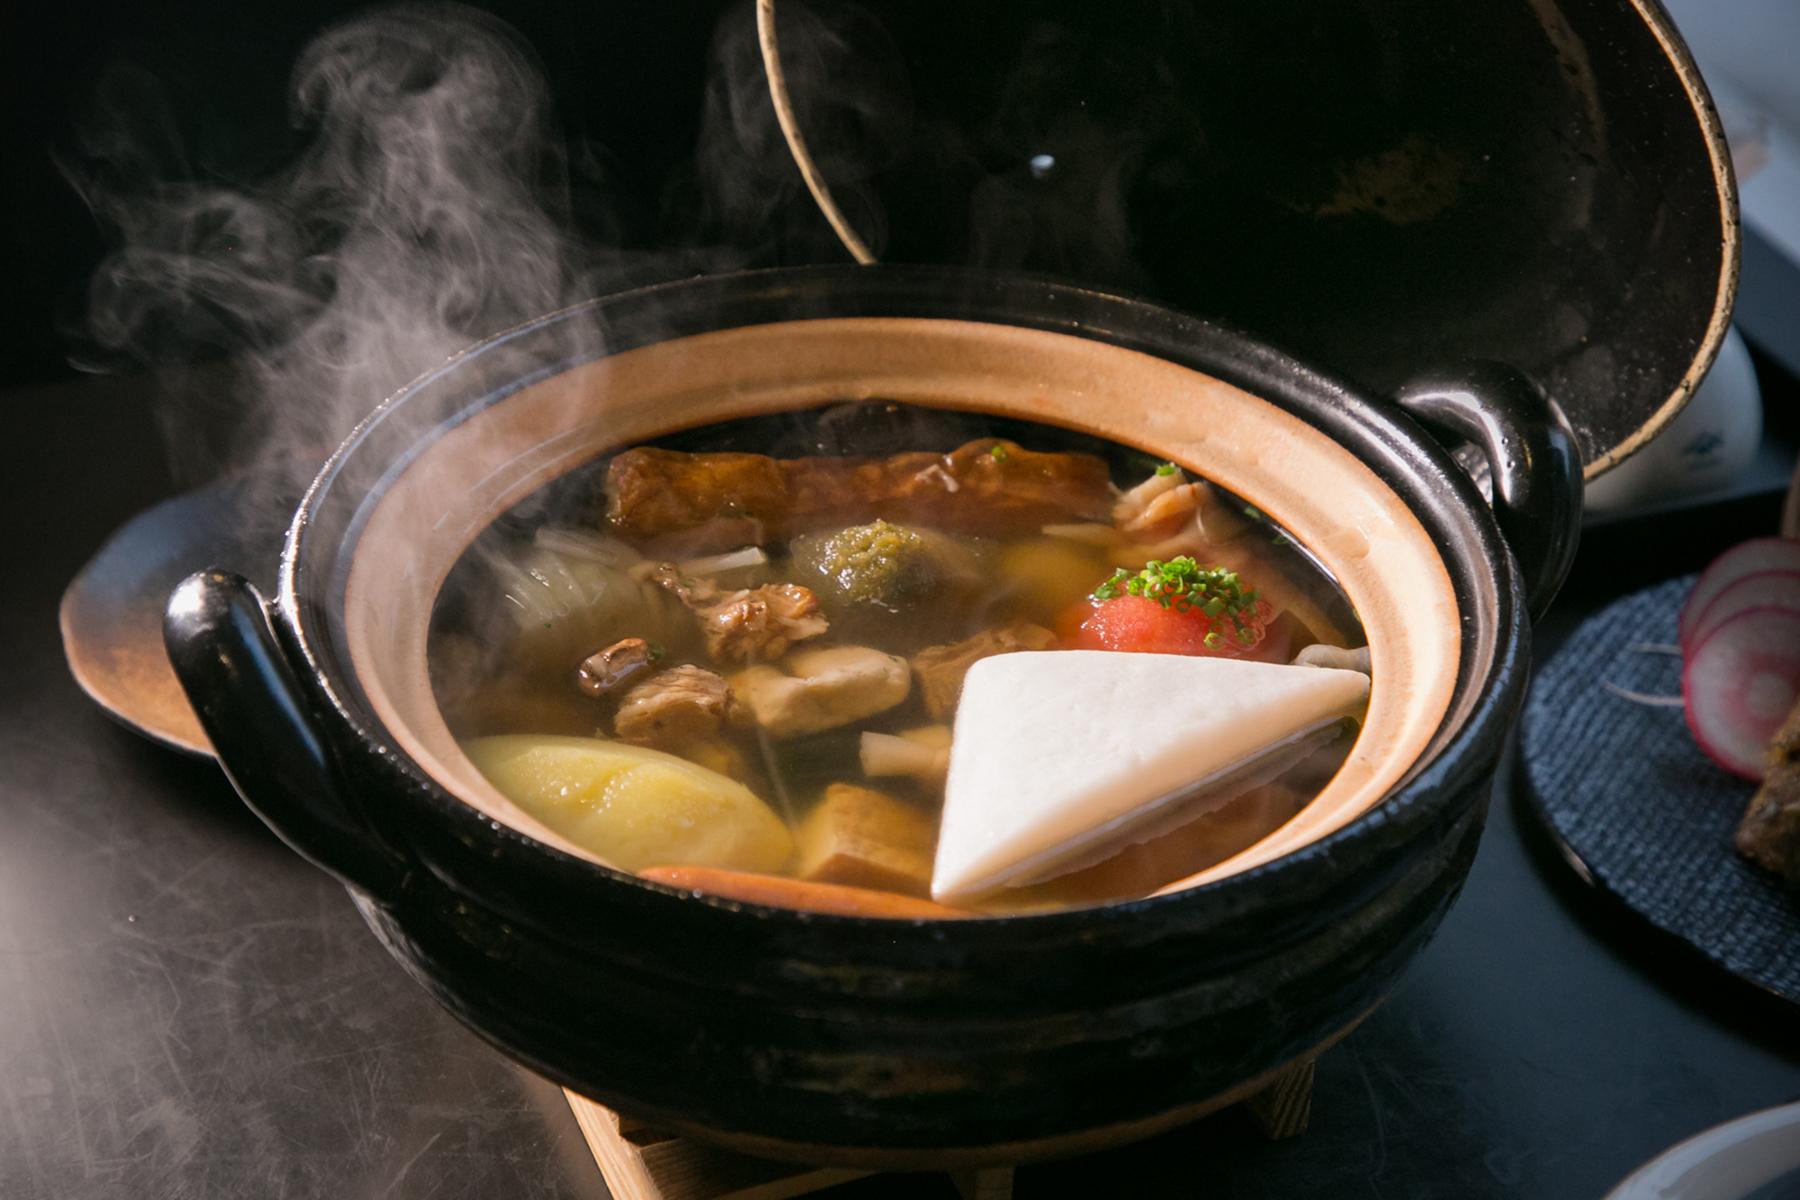 Hyotan Kappo โอเด้งตำรับญี่ปุ่นแท้ในหม้อน้ำเต้าทองแดงที่มีให้อิ่มและอุ่นในทุกฤดูกาล